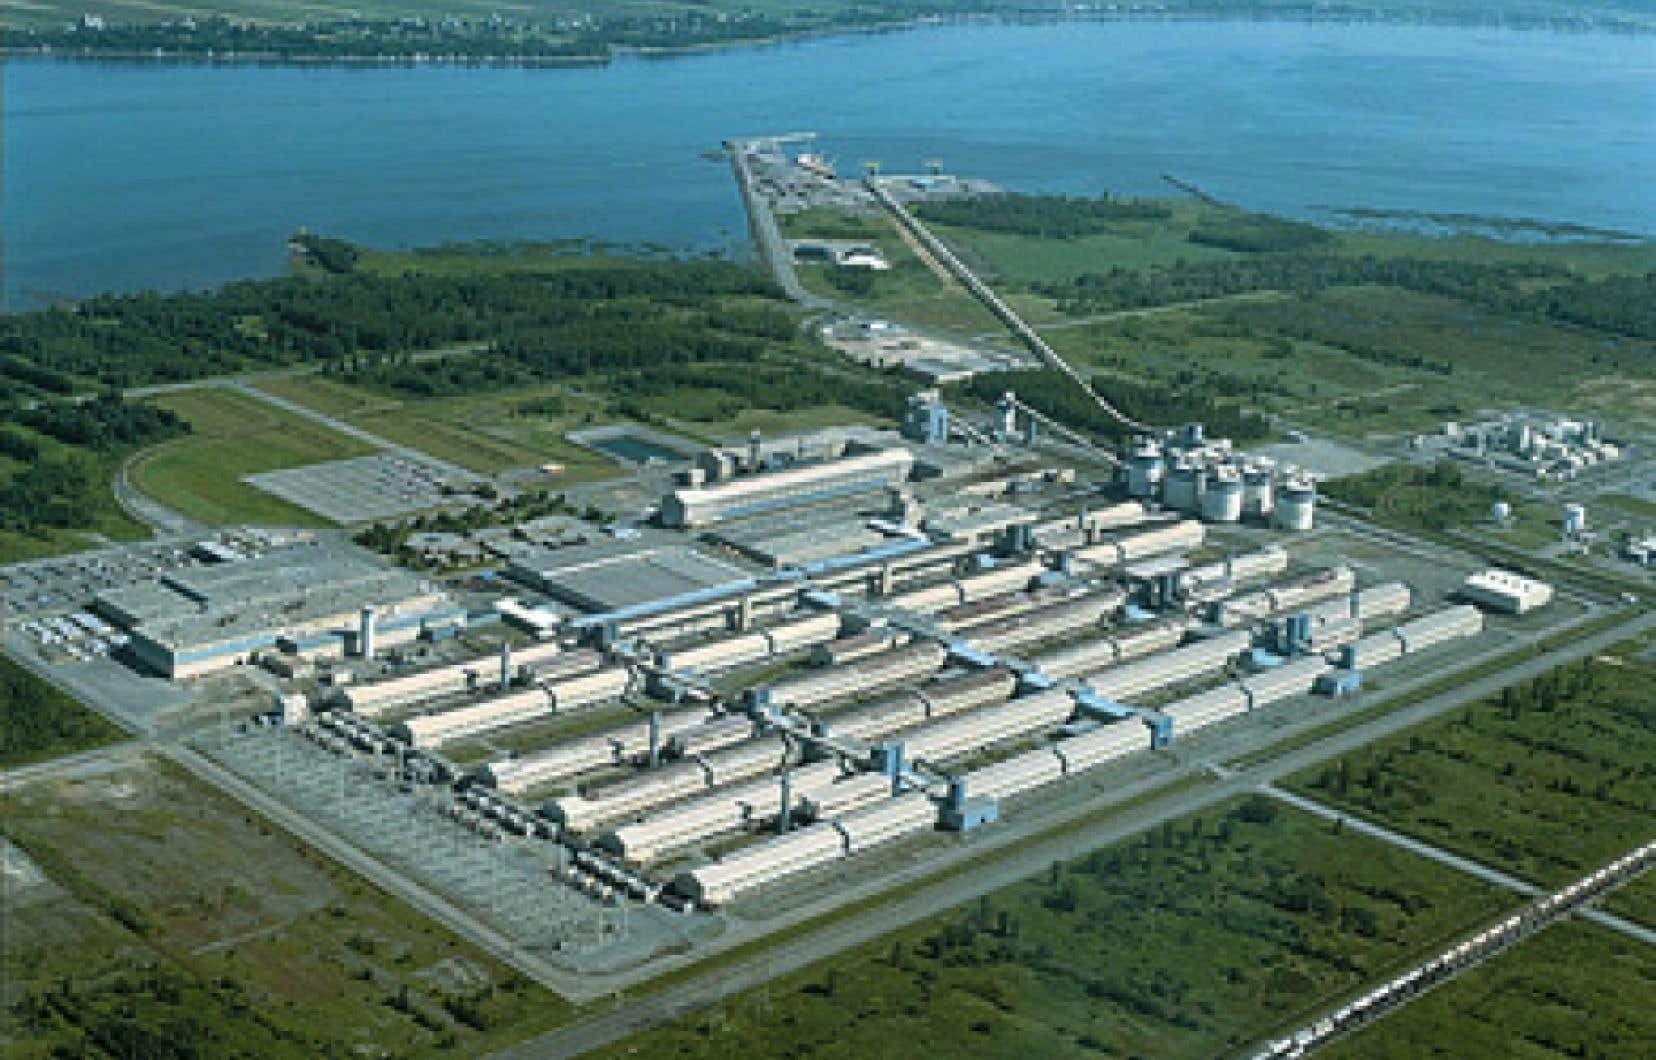 La direction de l'Aluminerie de Bécancour a fait savoir que l'usine continuera d'être exploitée, mais par des cadres.